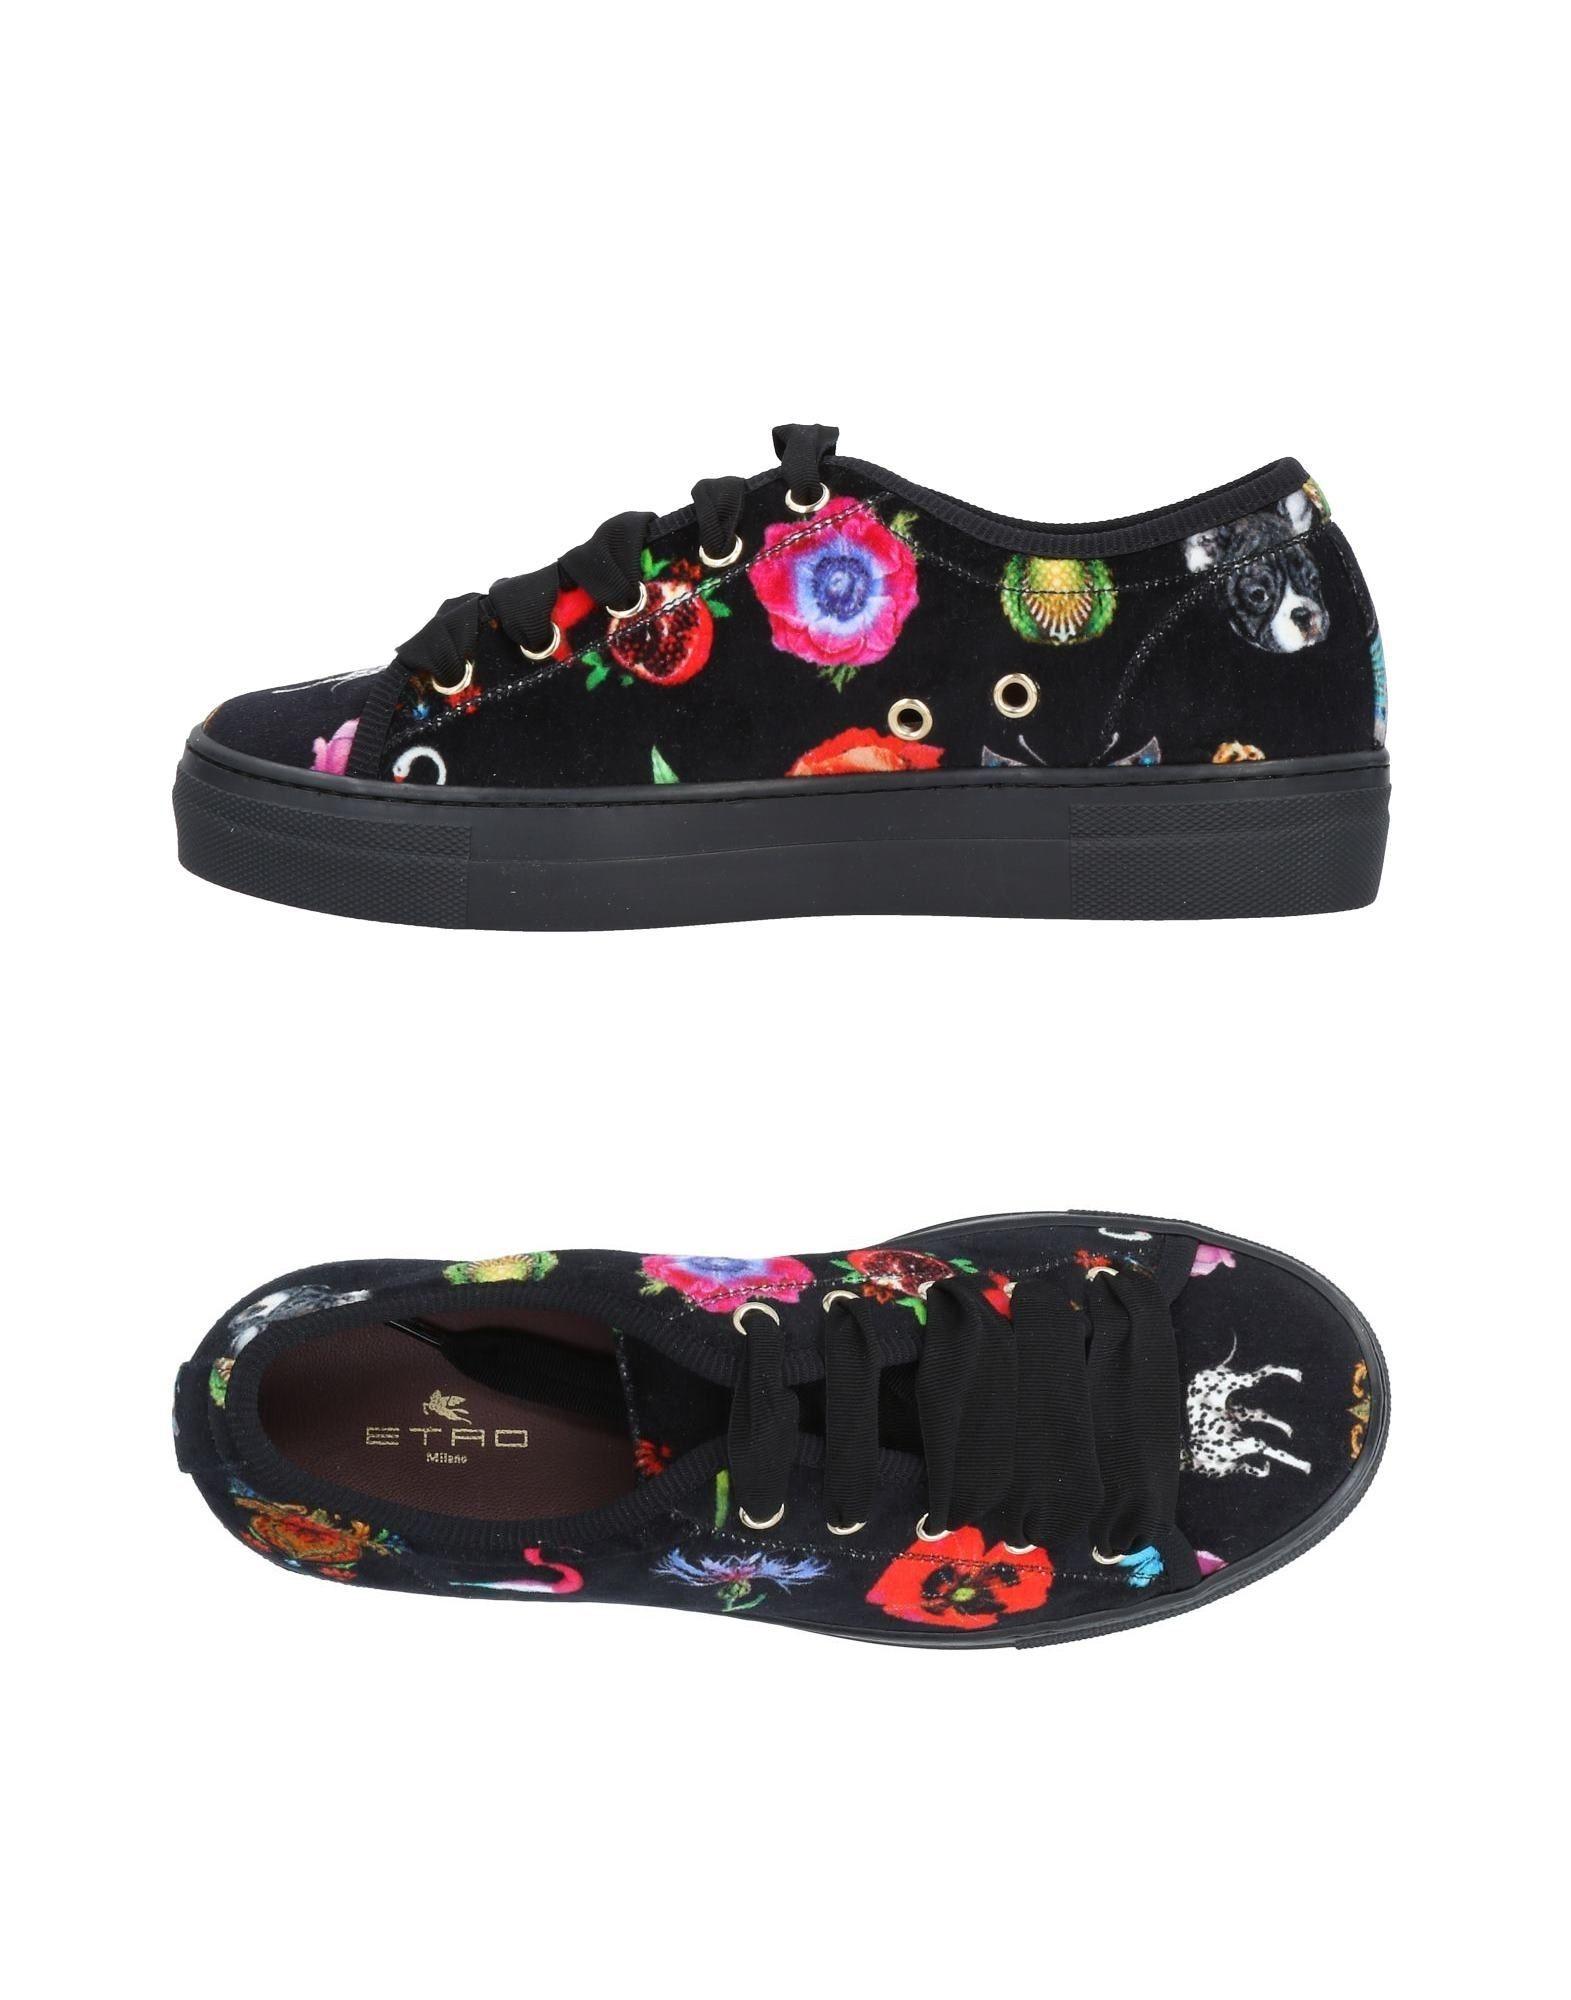 Nuevos zapatos para hombres Zapatillas y mujeres, descuento por tiempo limitado Zapatillas hombres Etro Mujer - Zapatillas Etro  Negro c6a94f